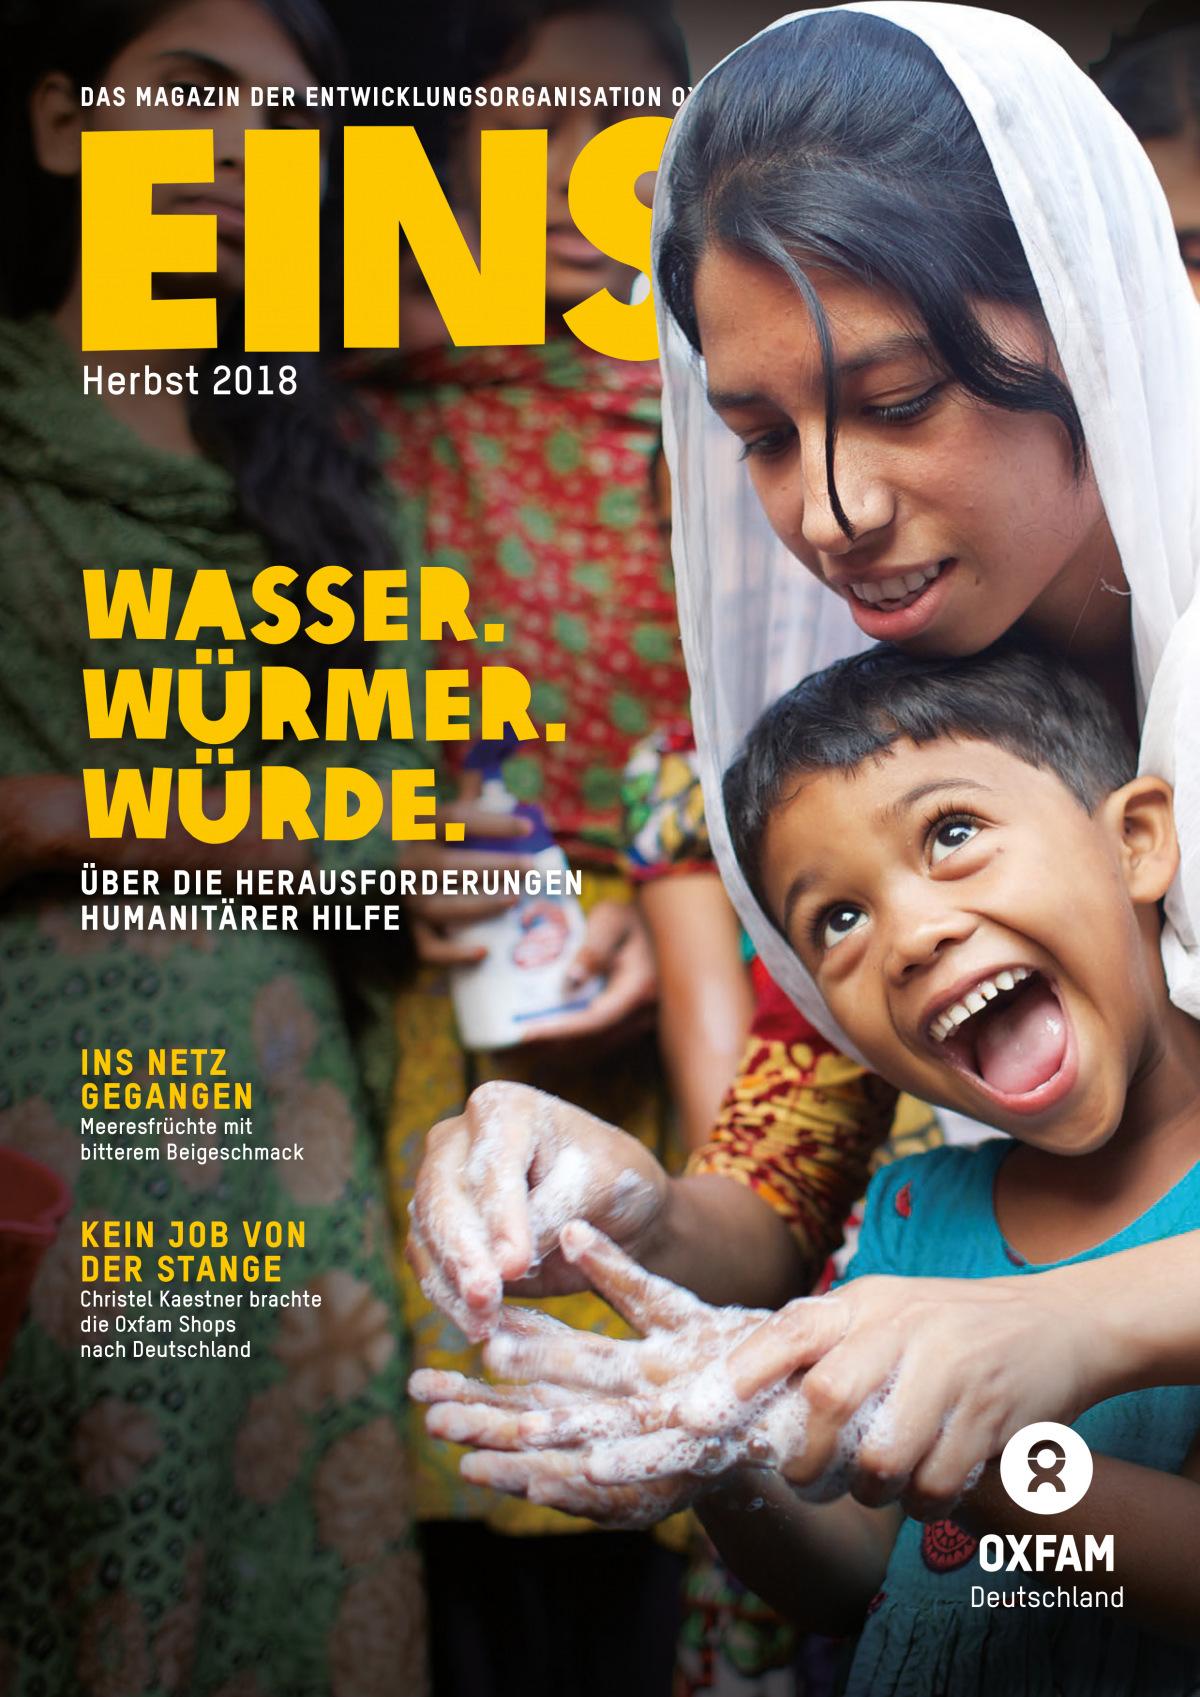 Titelbild der EINS-Herbstausgabe 2018